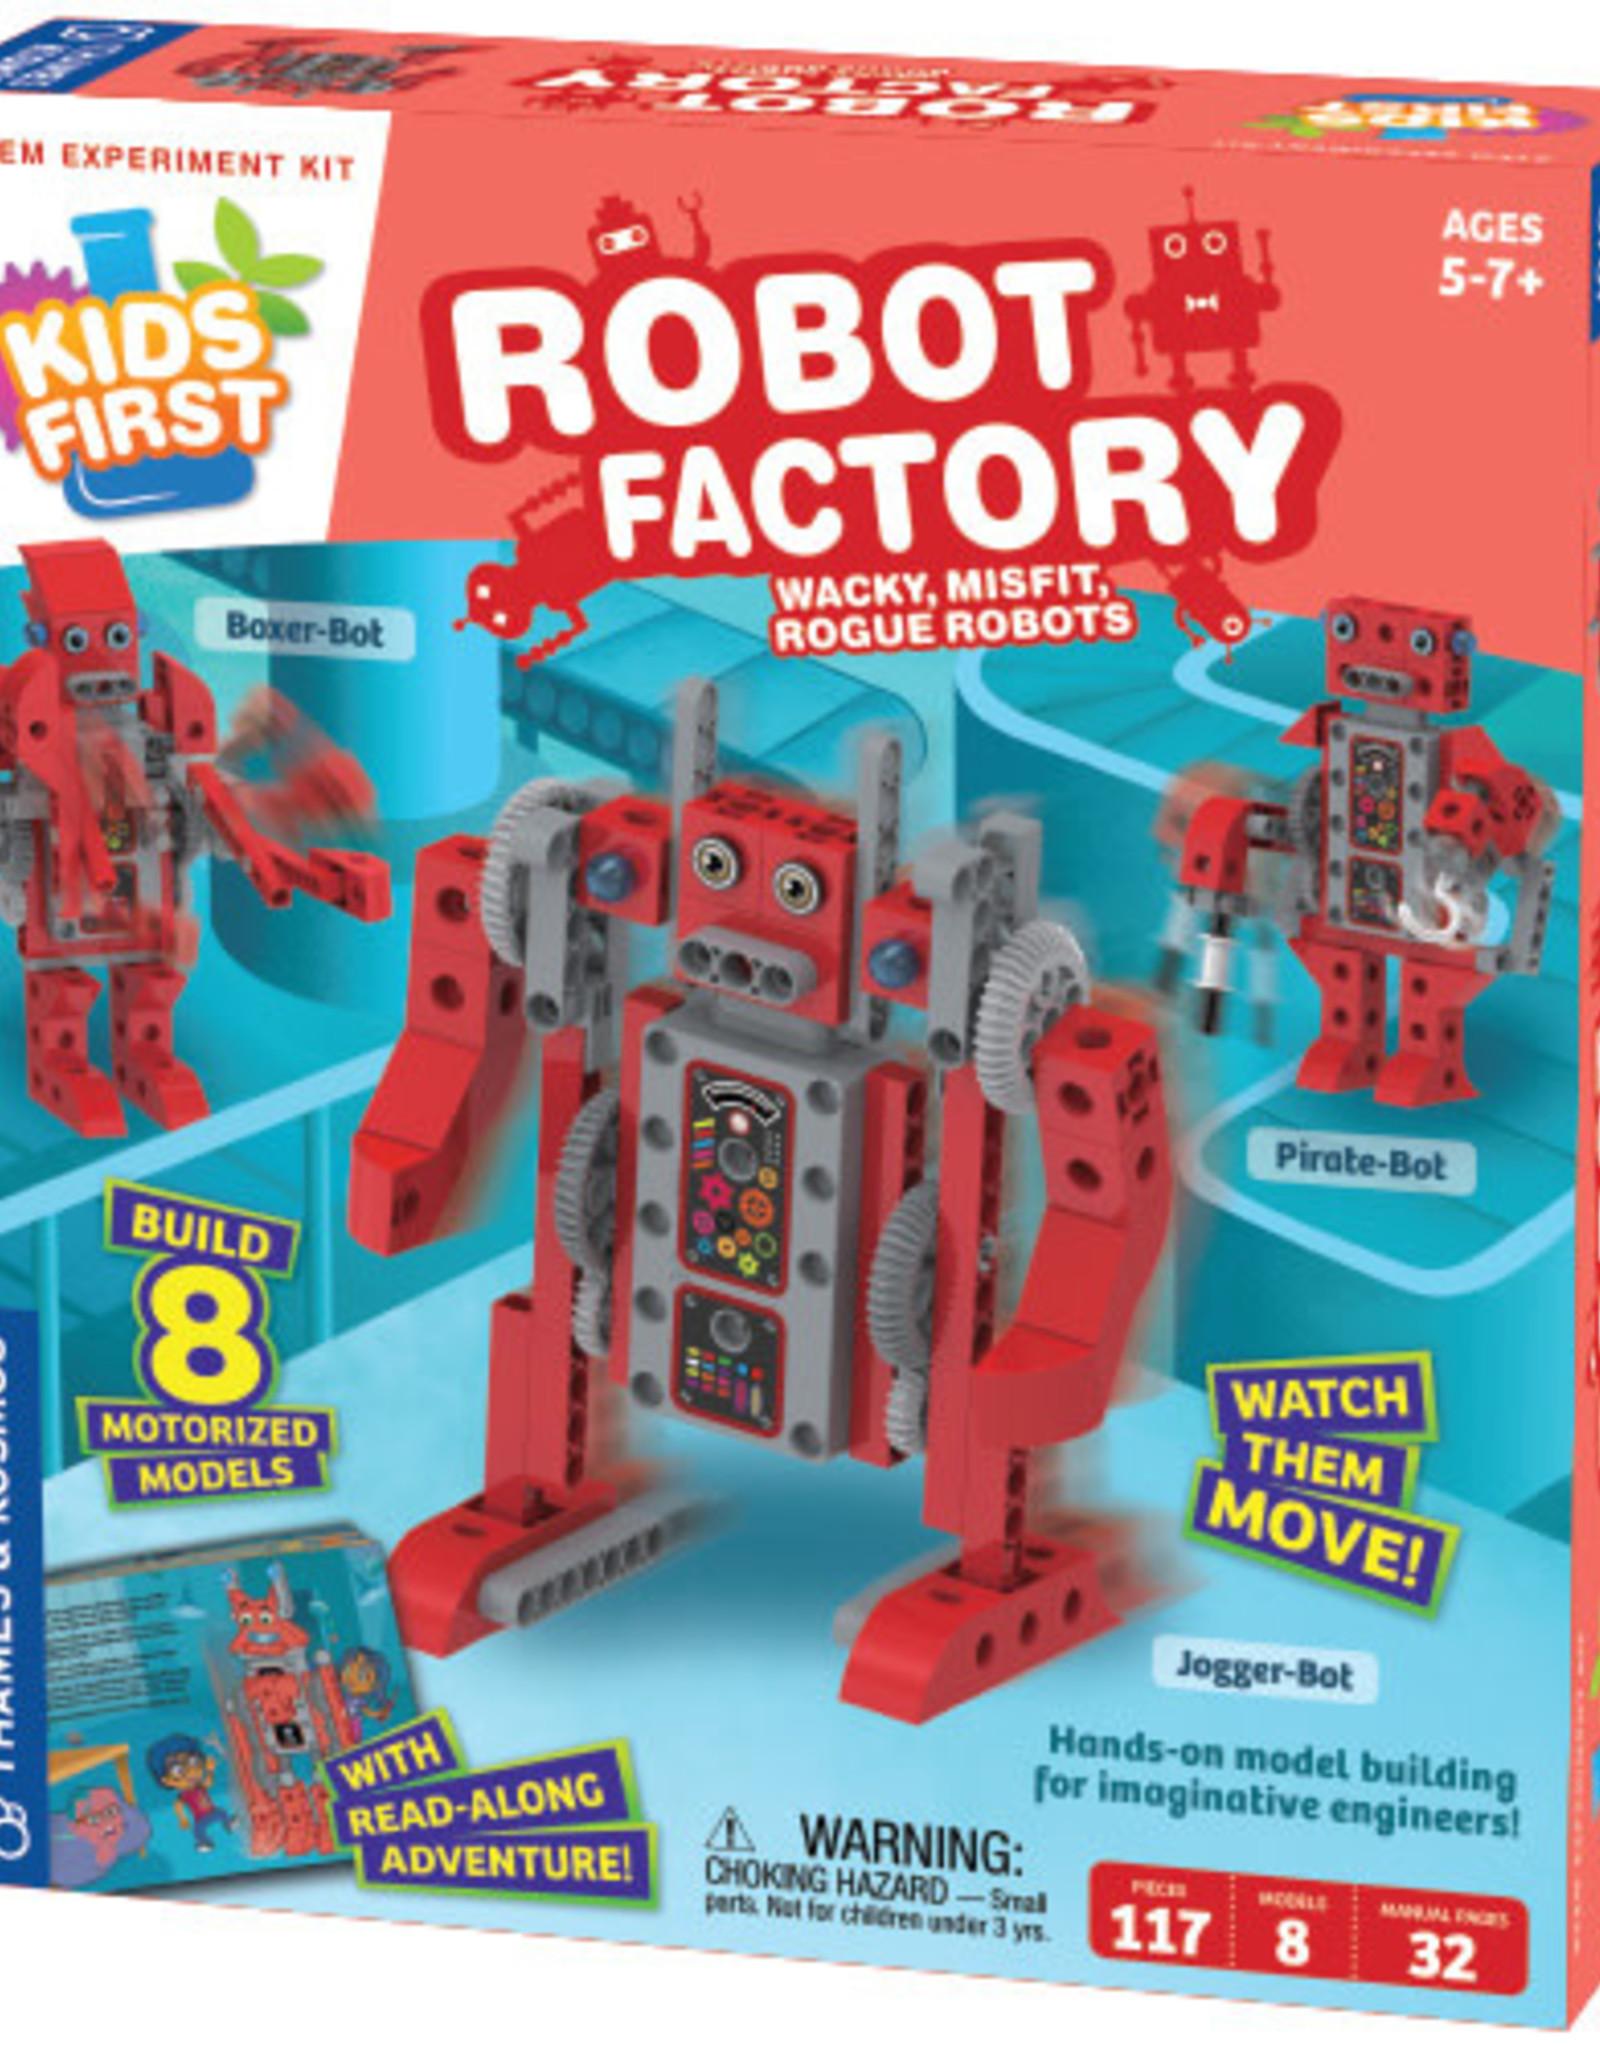 KIDS FIRST ROBOT FACTORY